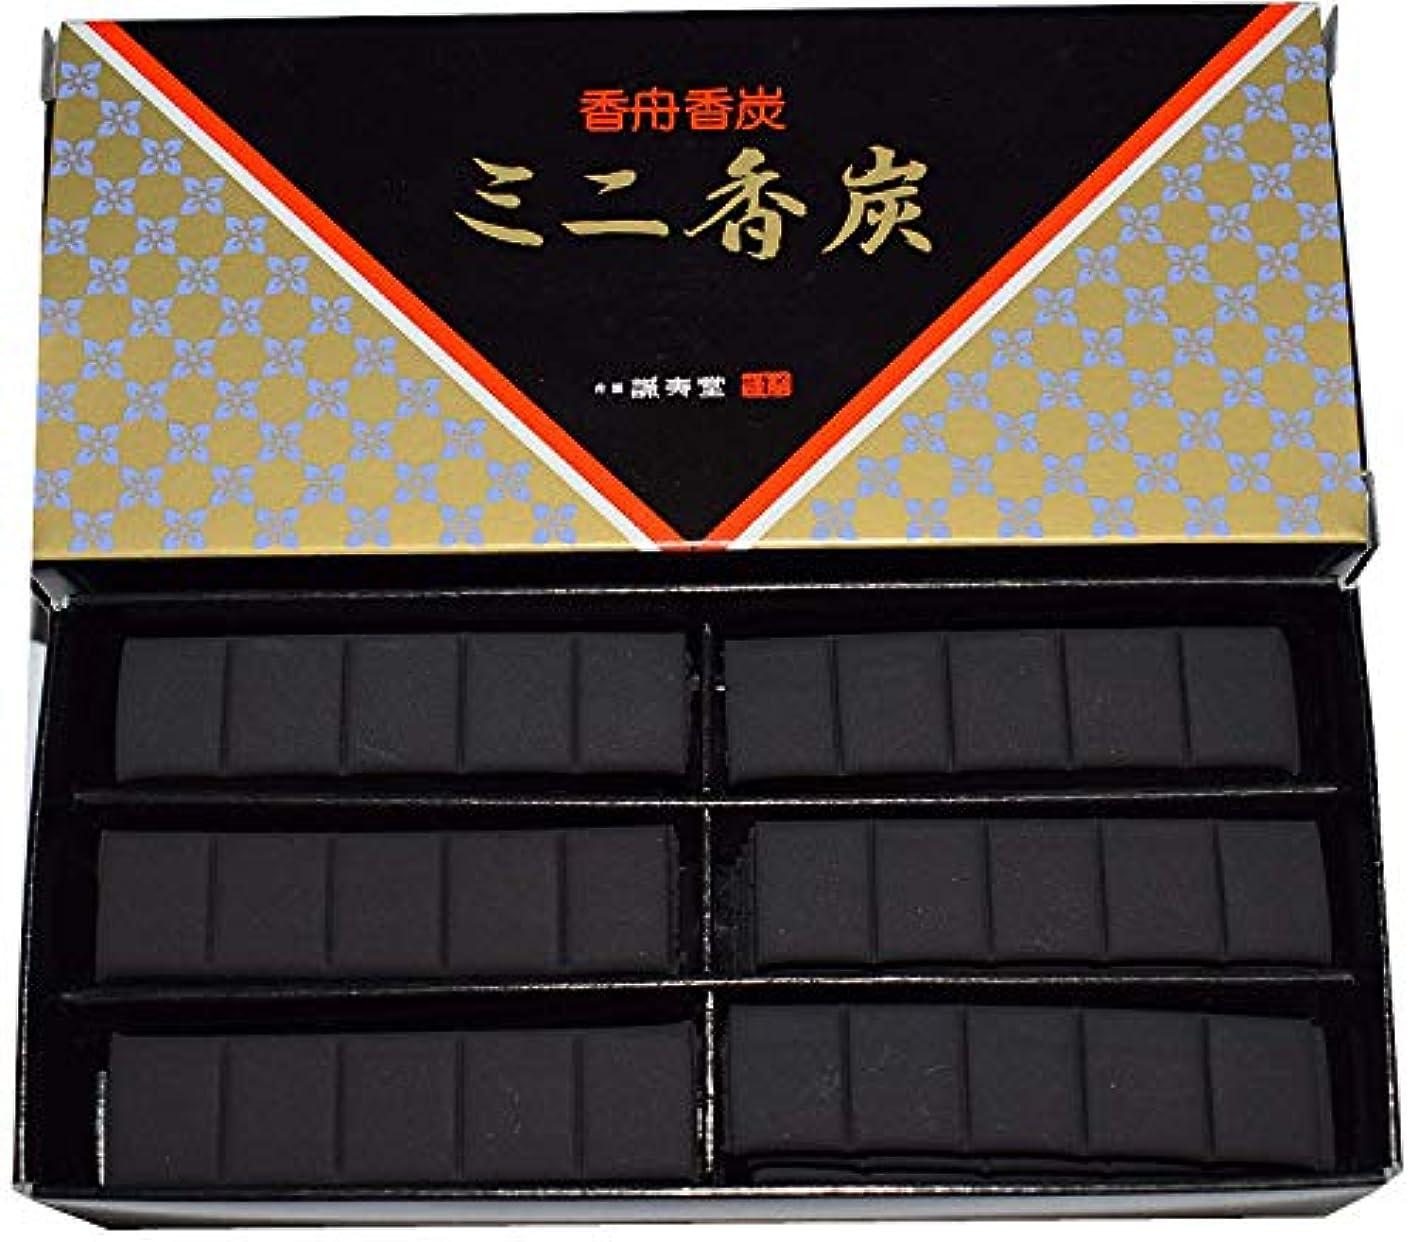 マスク集中引き出す香舗 誠寿堂ミニ香炉炭 (黒, 5)